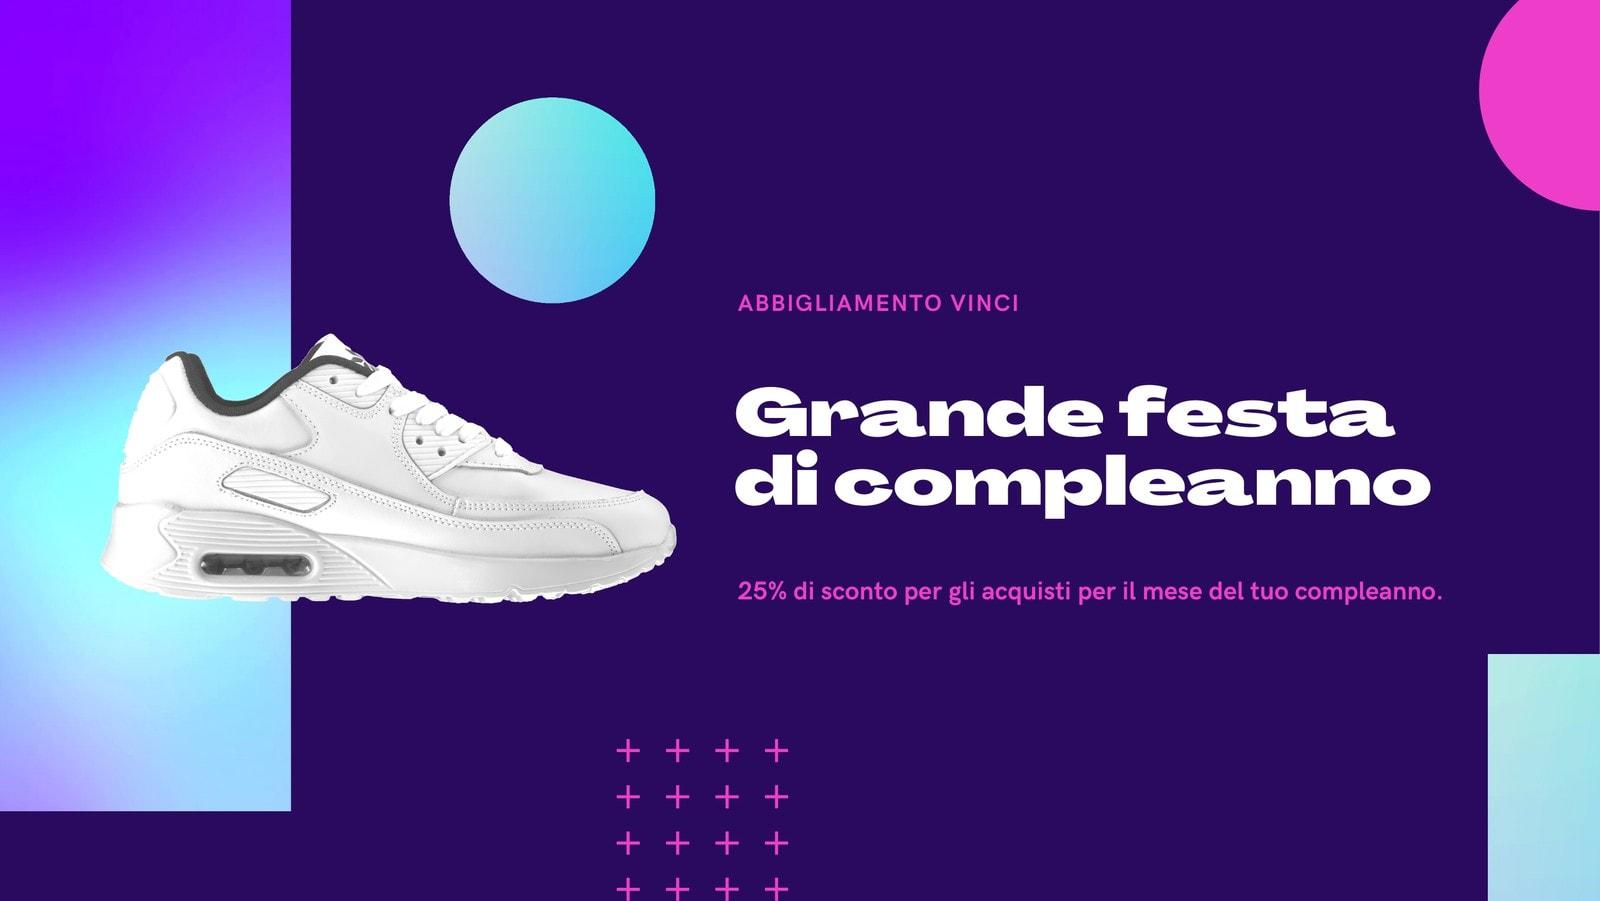 Viola e Turchese Gradiente Grafico Marchio / Impresa Compleanno Promo Copertina di Facebook